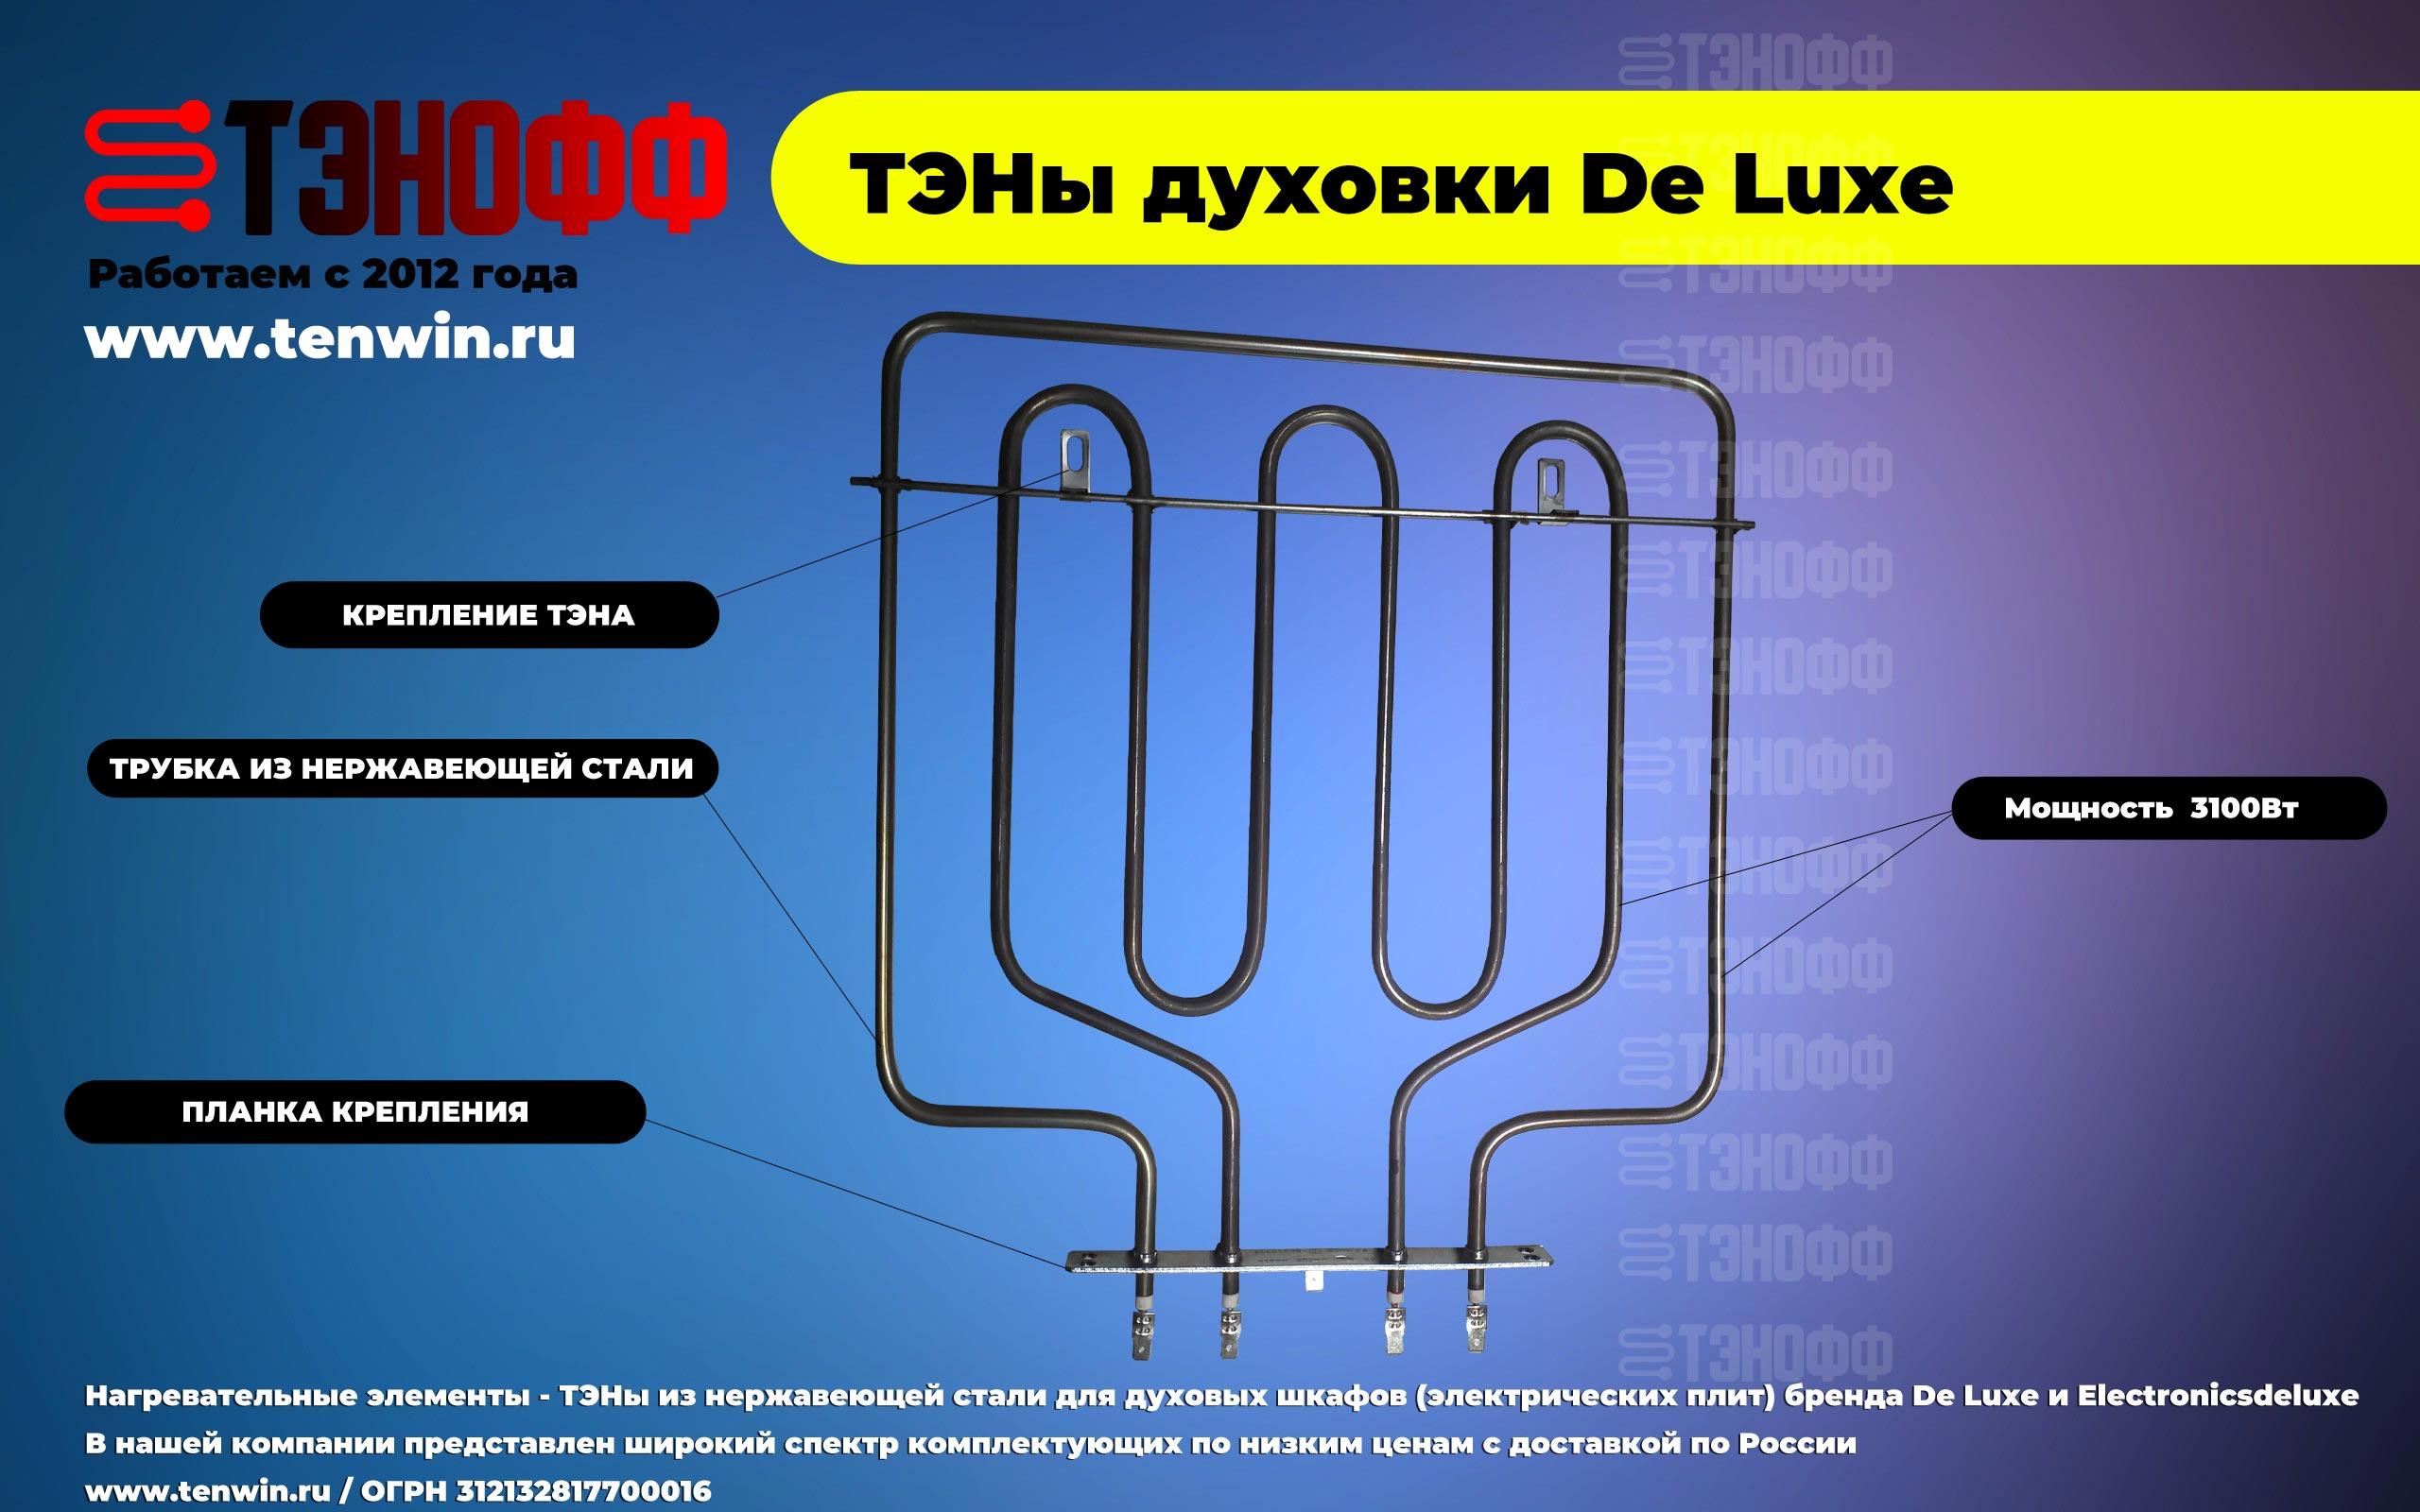 ТЭНы электрических плит Дэ Люус и Электрониксделюкс от производителя